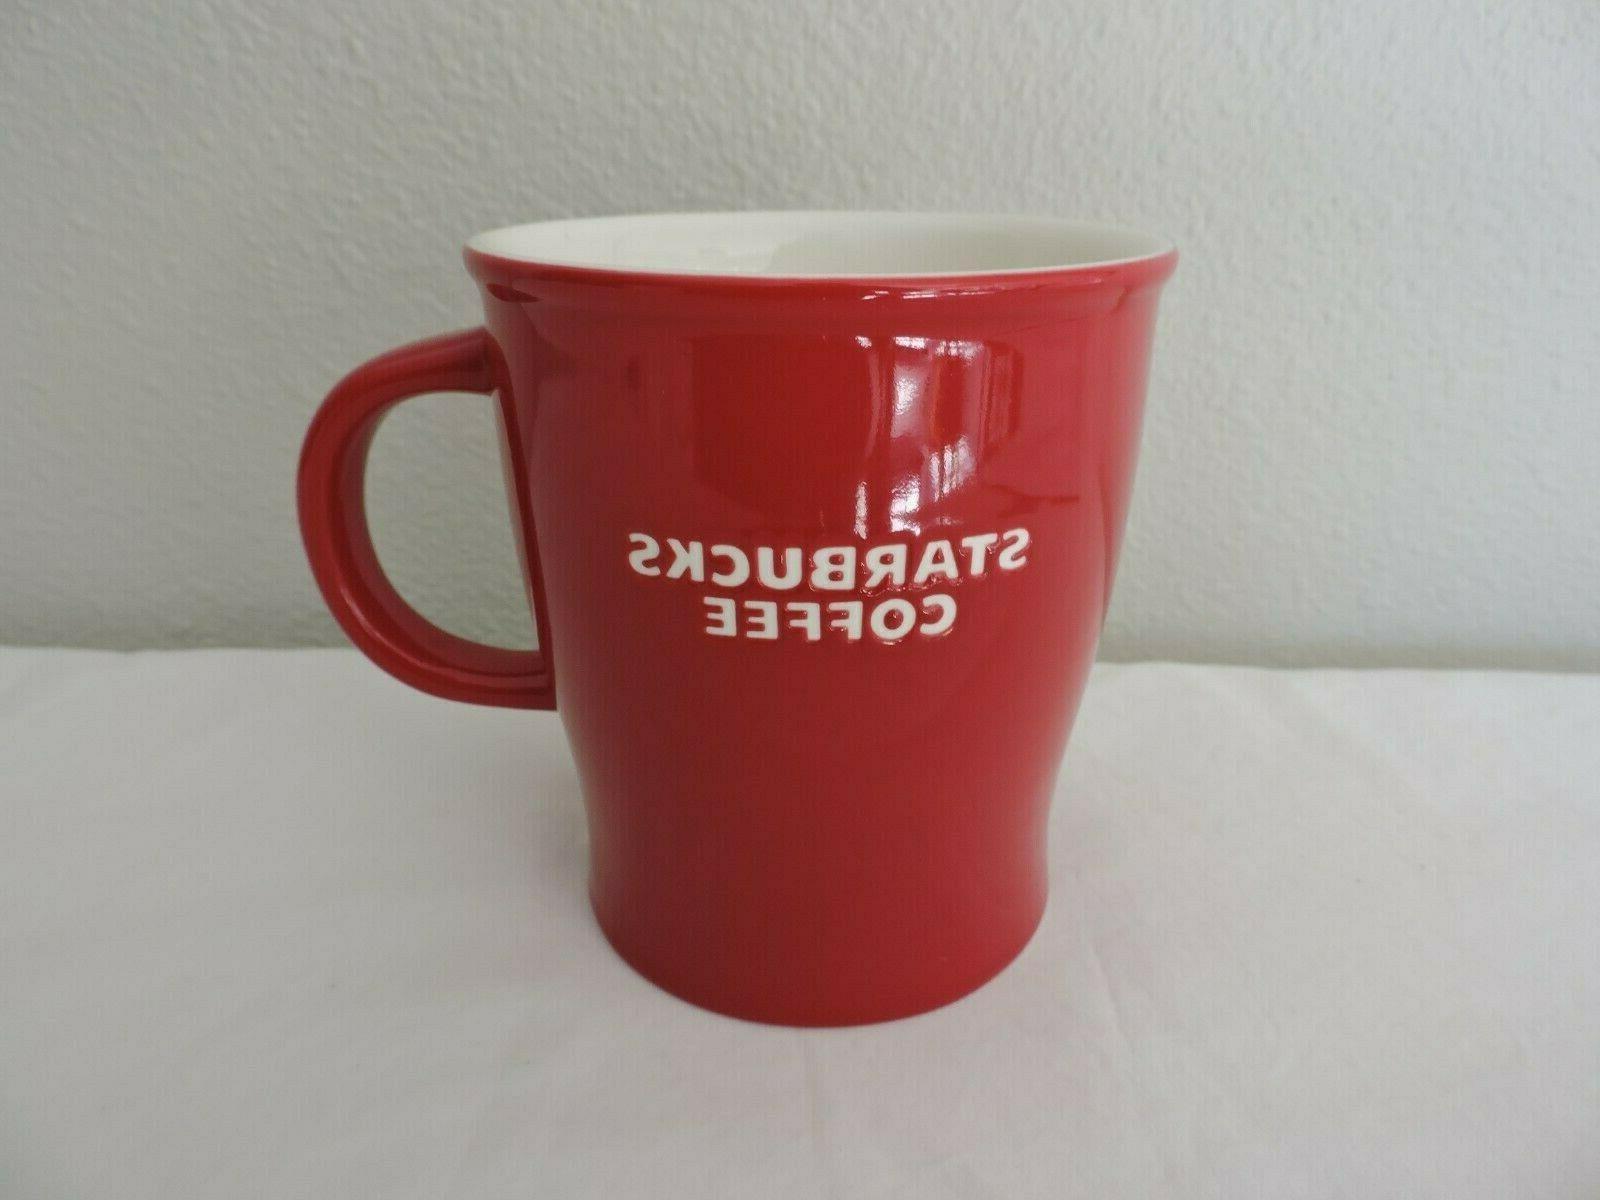 Starbucks Red Ceramic White Embossed 14 oz New